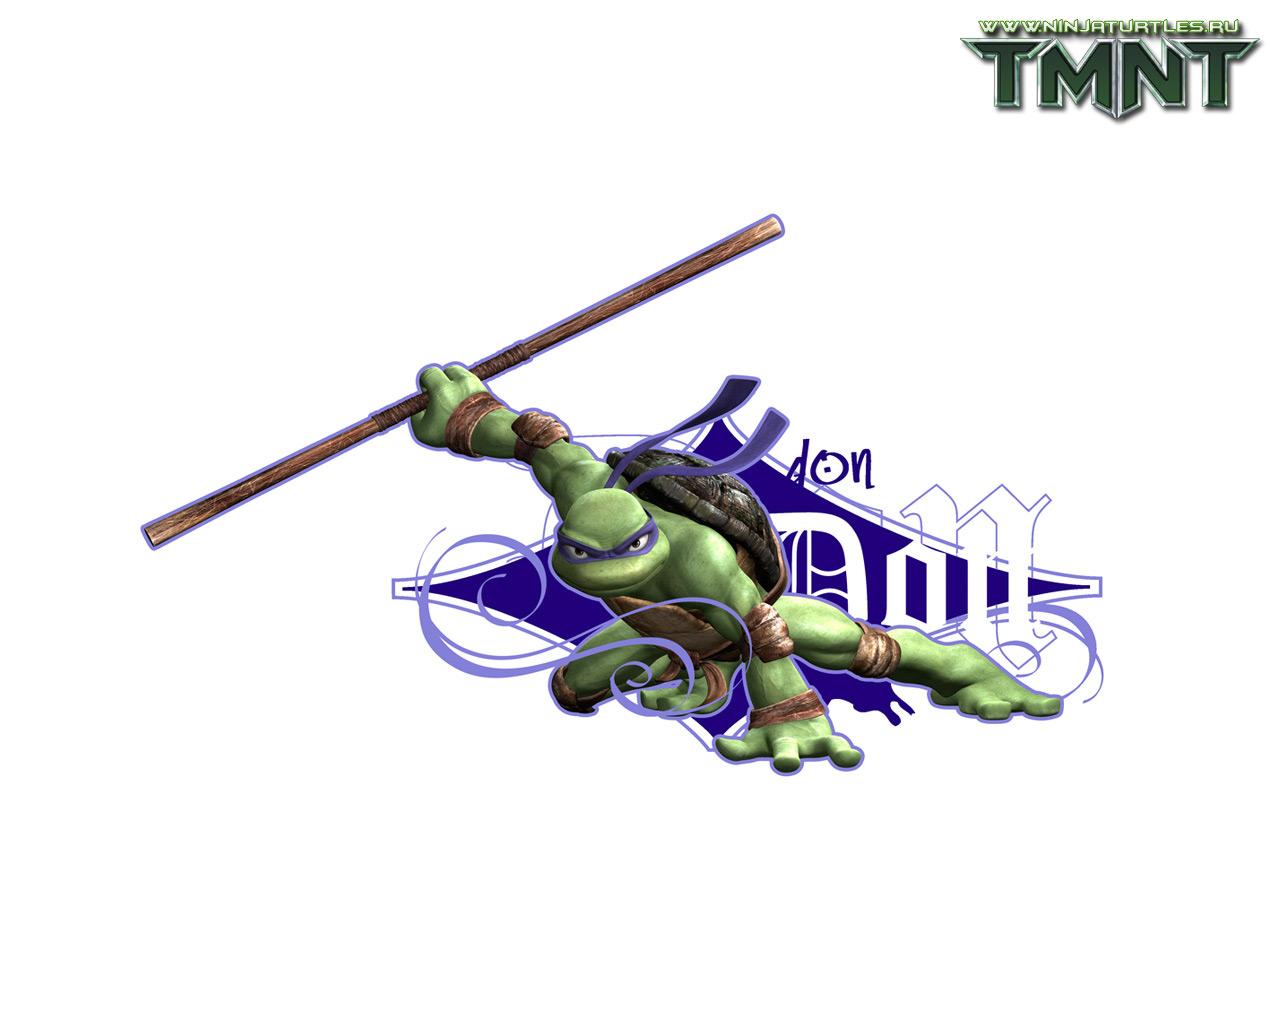 TMNT 2007 wallpaper (88)